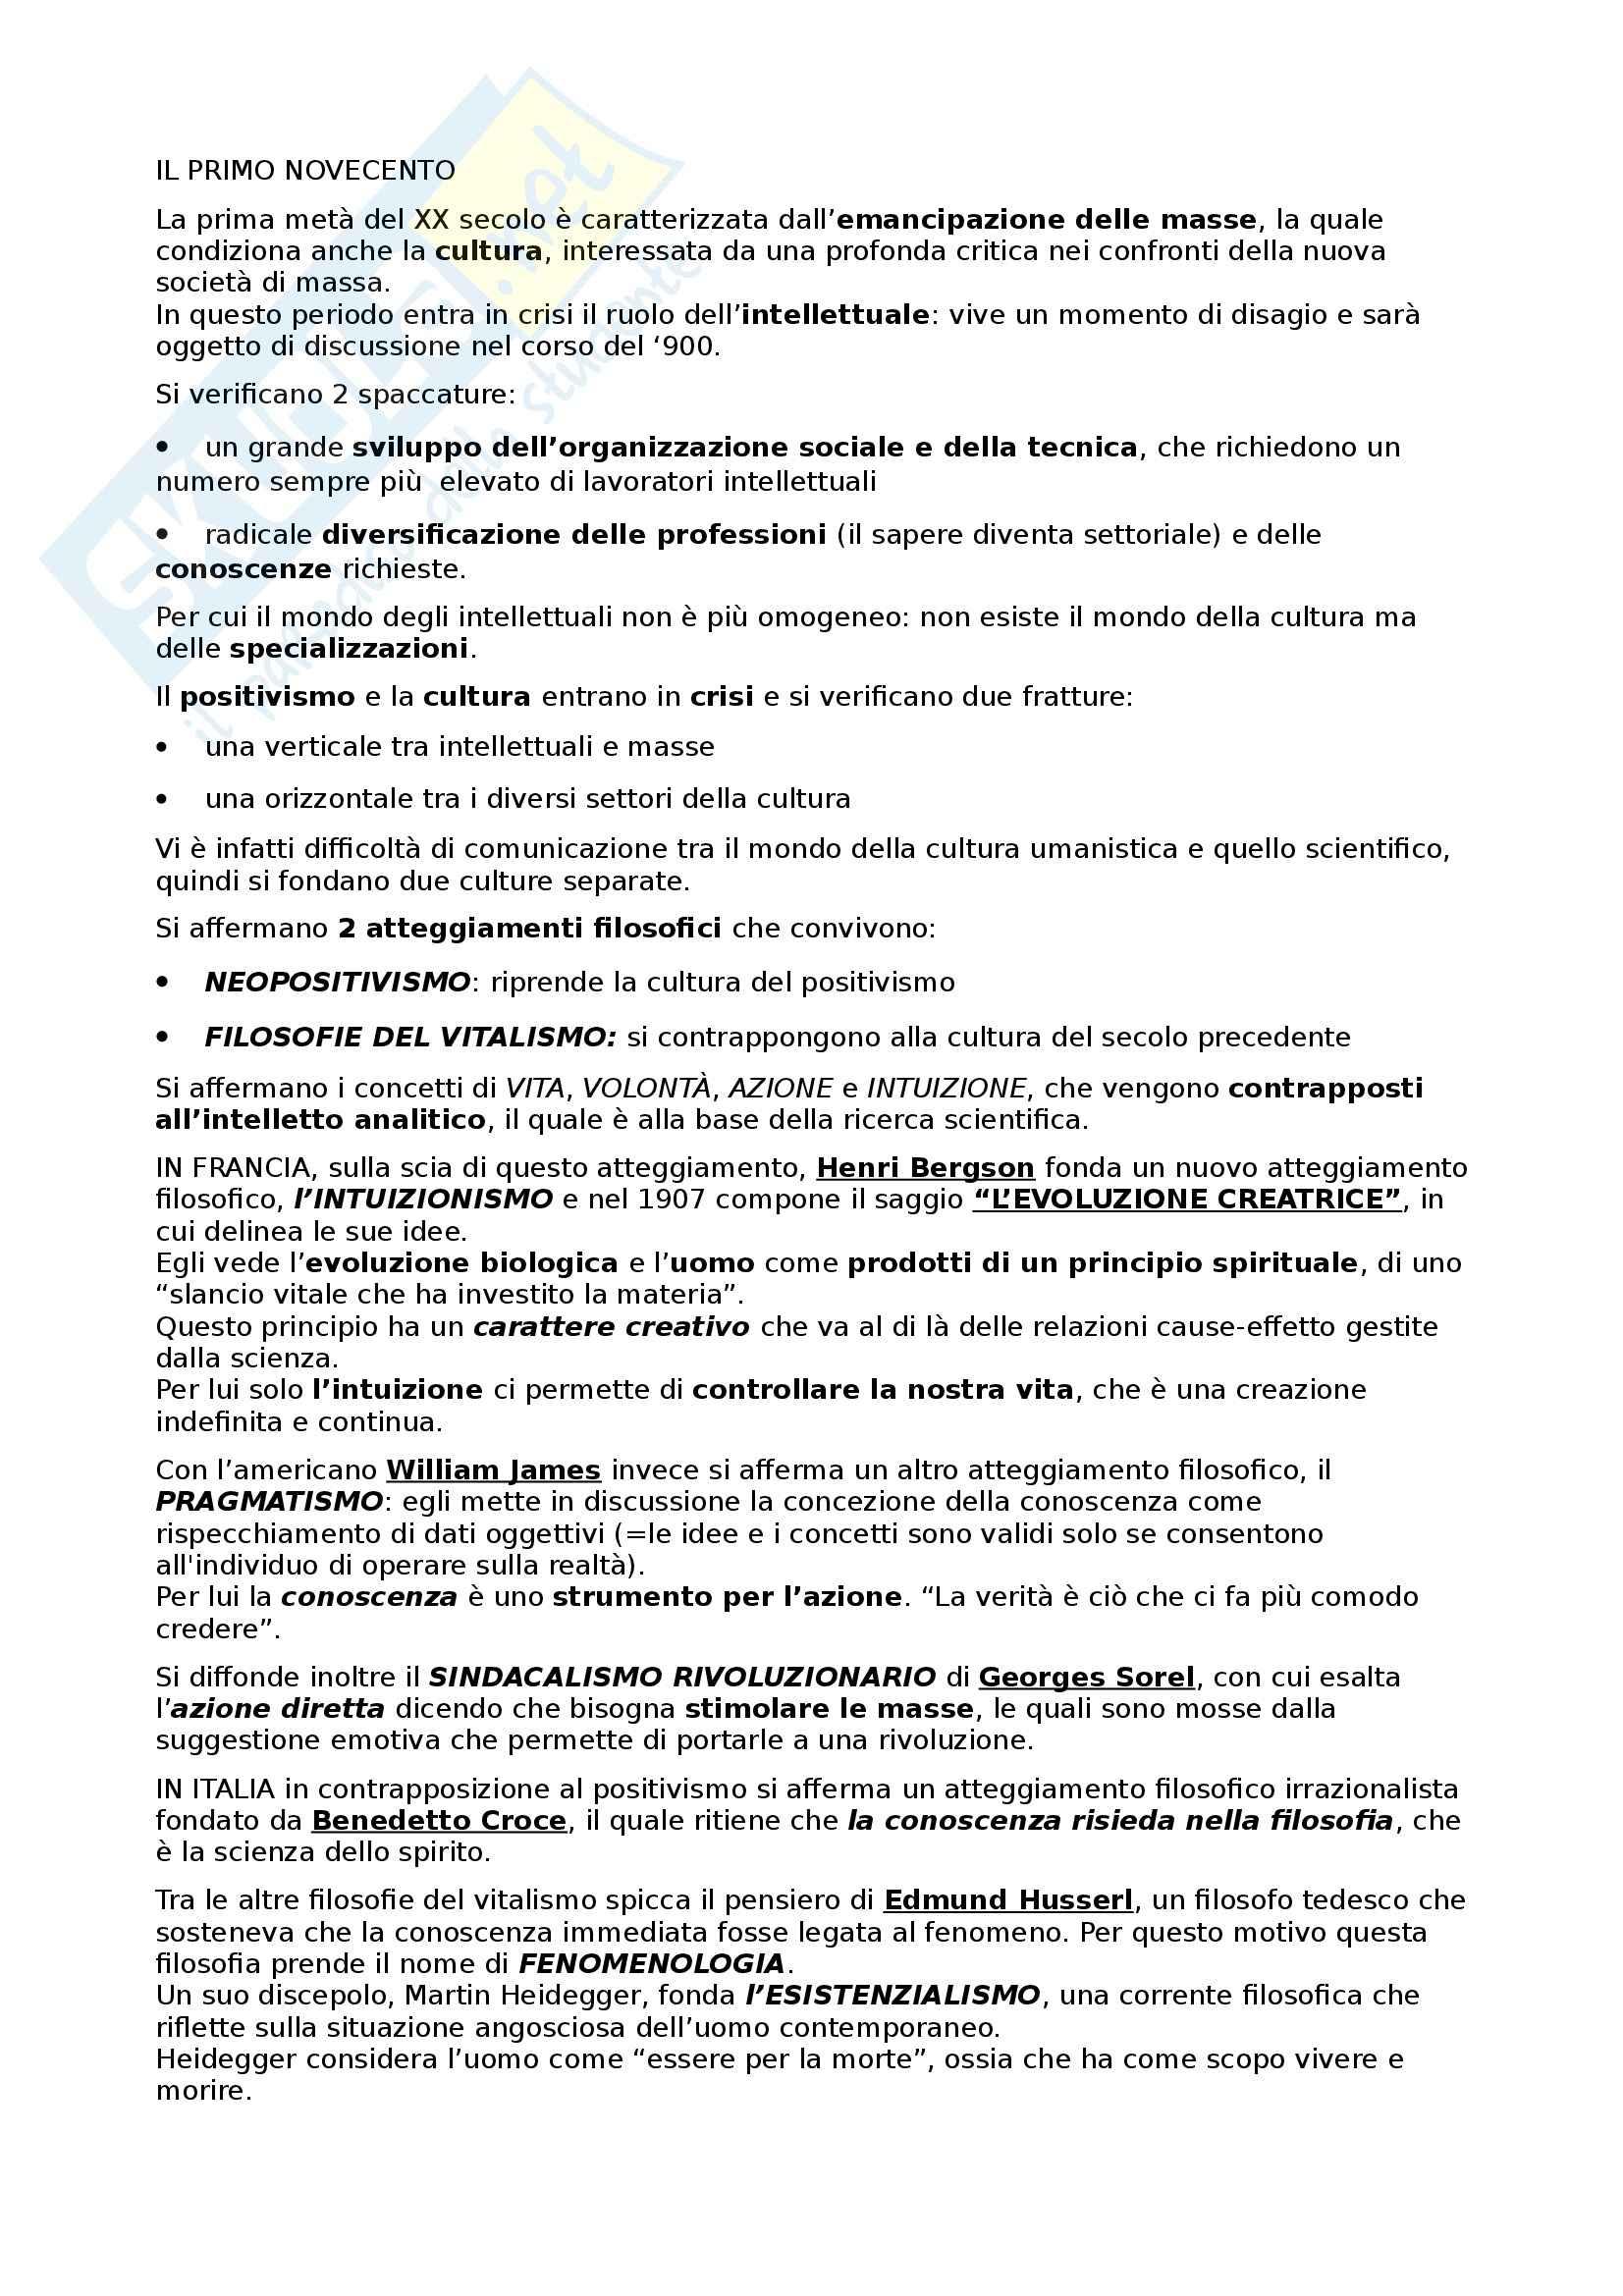 Letteratura italiana - Primo Novecento